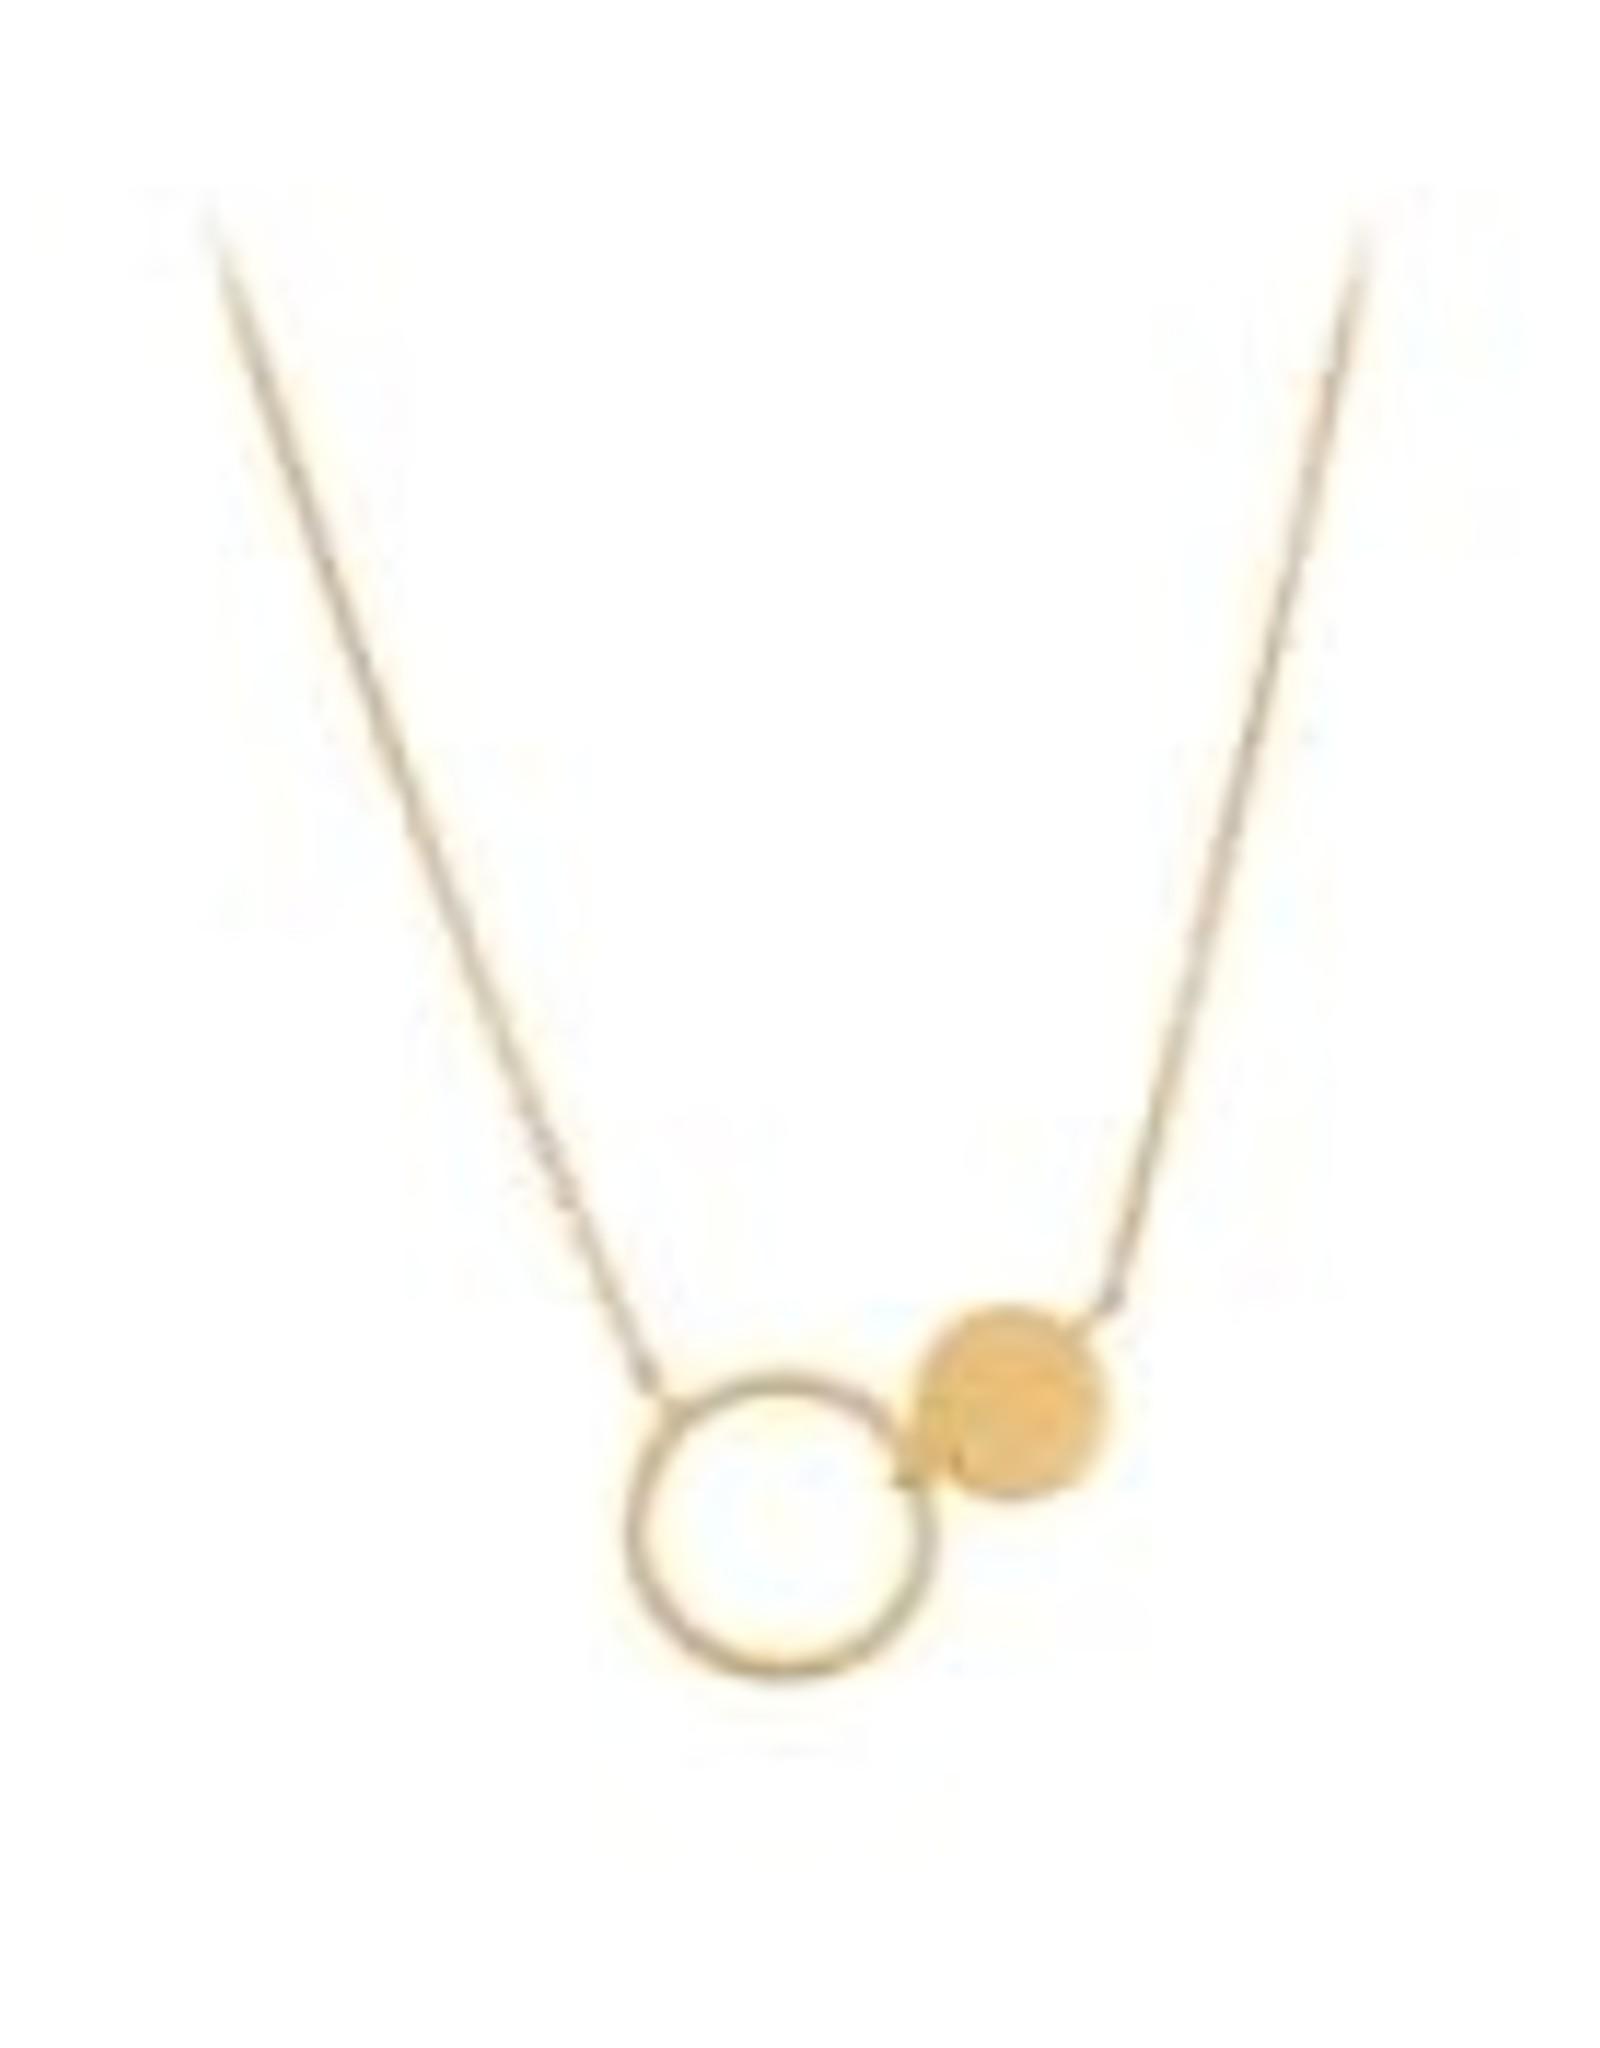 Pernille Corydon Eon Necklace S 42-48 cm